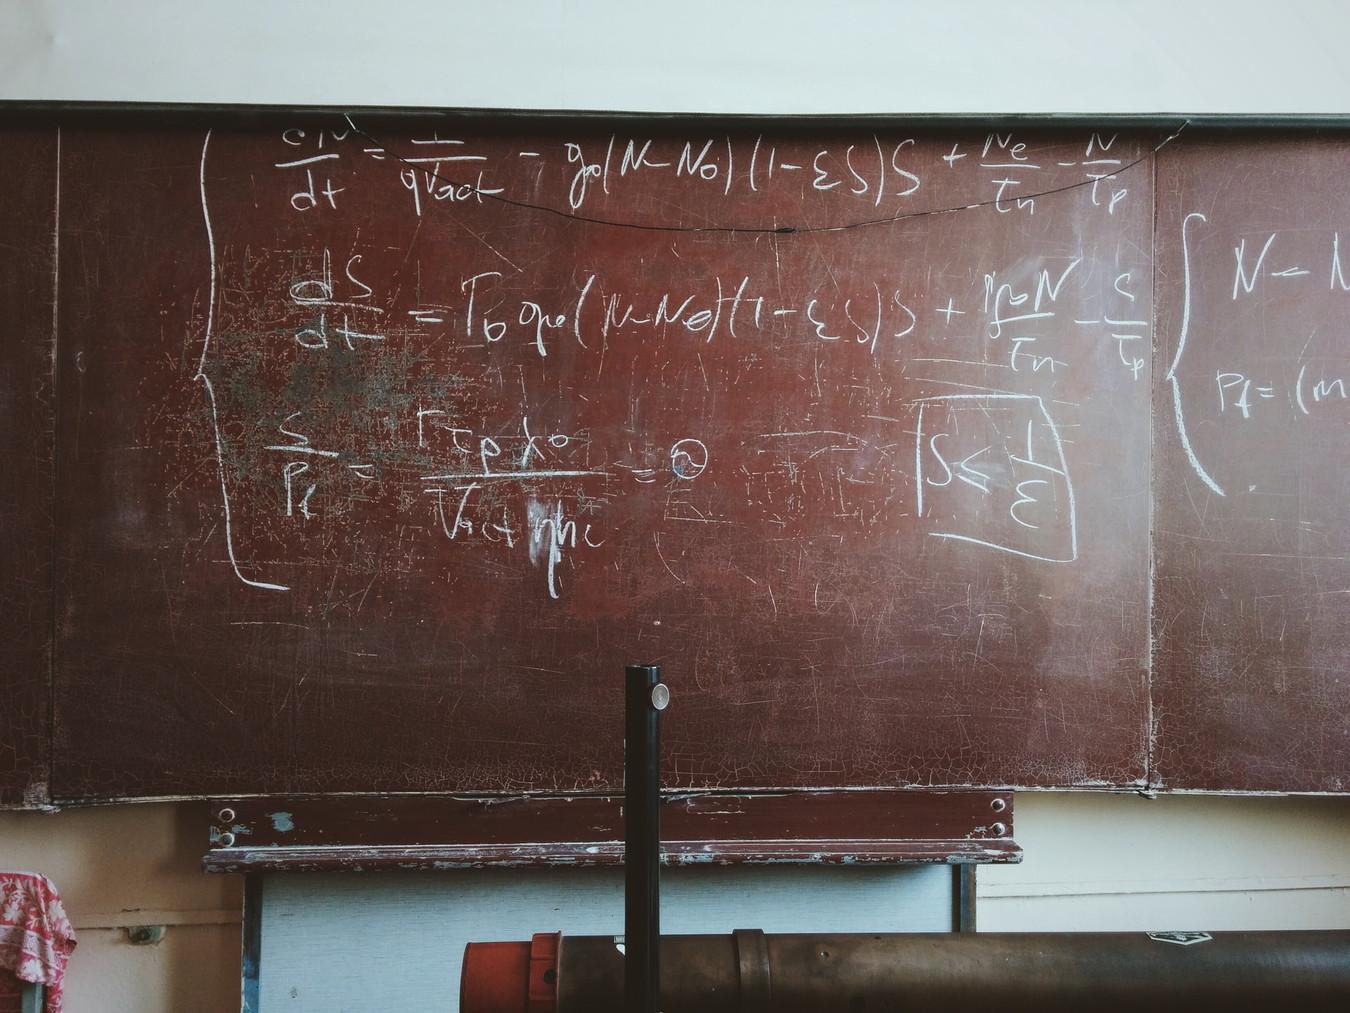 【書評】数学嫌いな人のための数学[数学の生命は論理である]